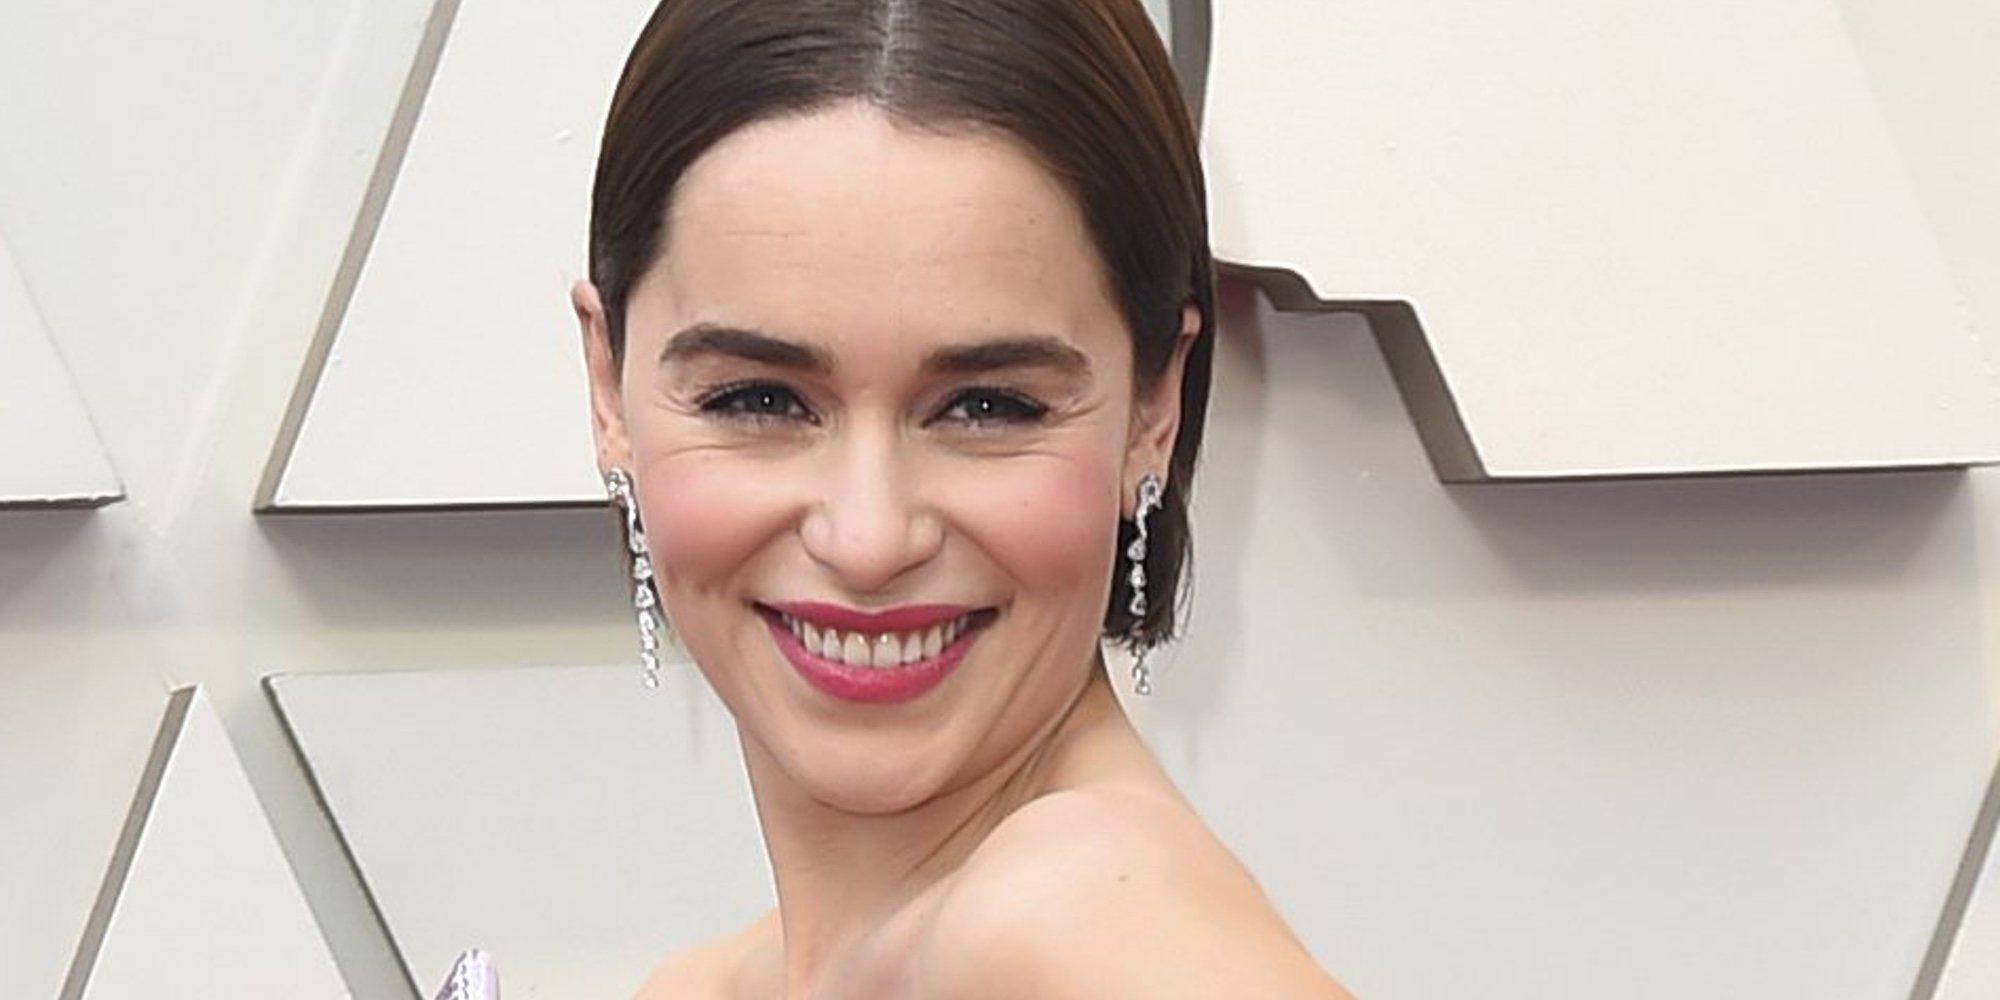 Emilia Clarke enseña unas impactantes imágenes tras sufrir dos aneurismas